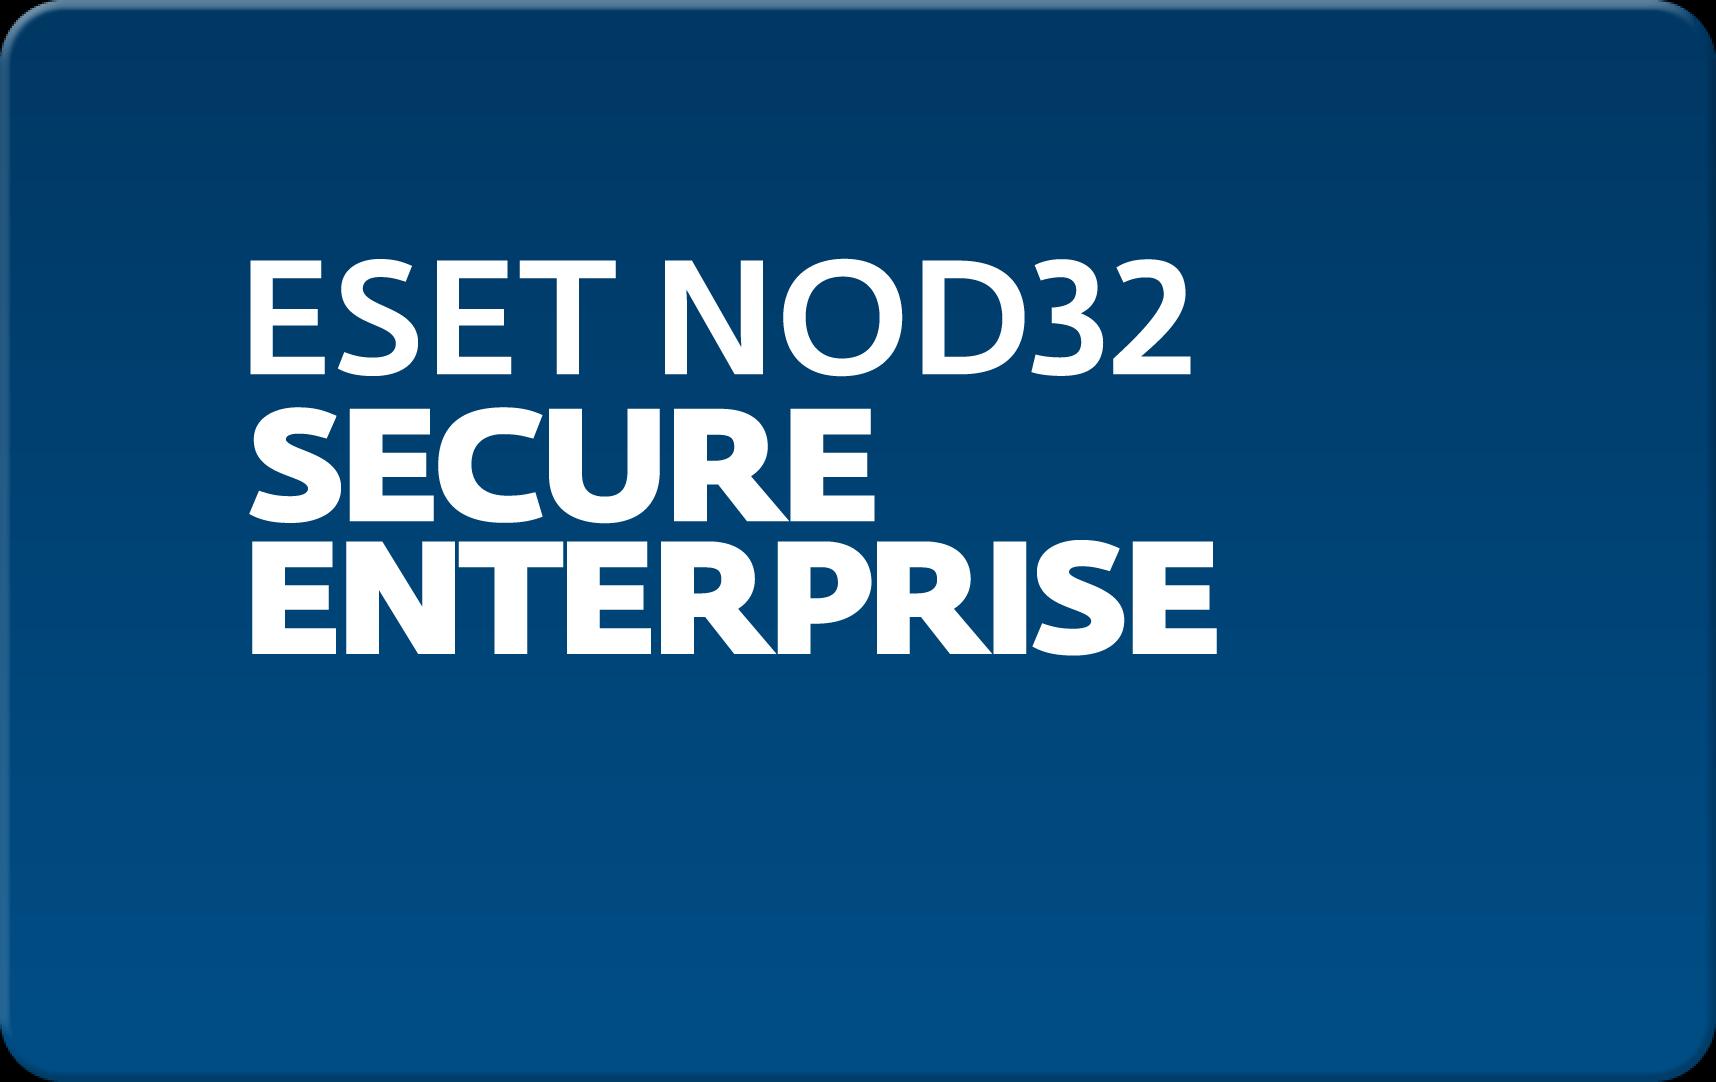 Кроссплатформенная антивирусная защита всех узлов корпоративной сети Eset NOD32 Secure Enterprise  для 172 пользователей